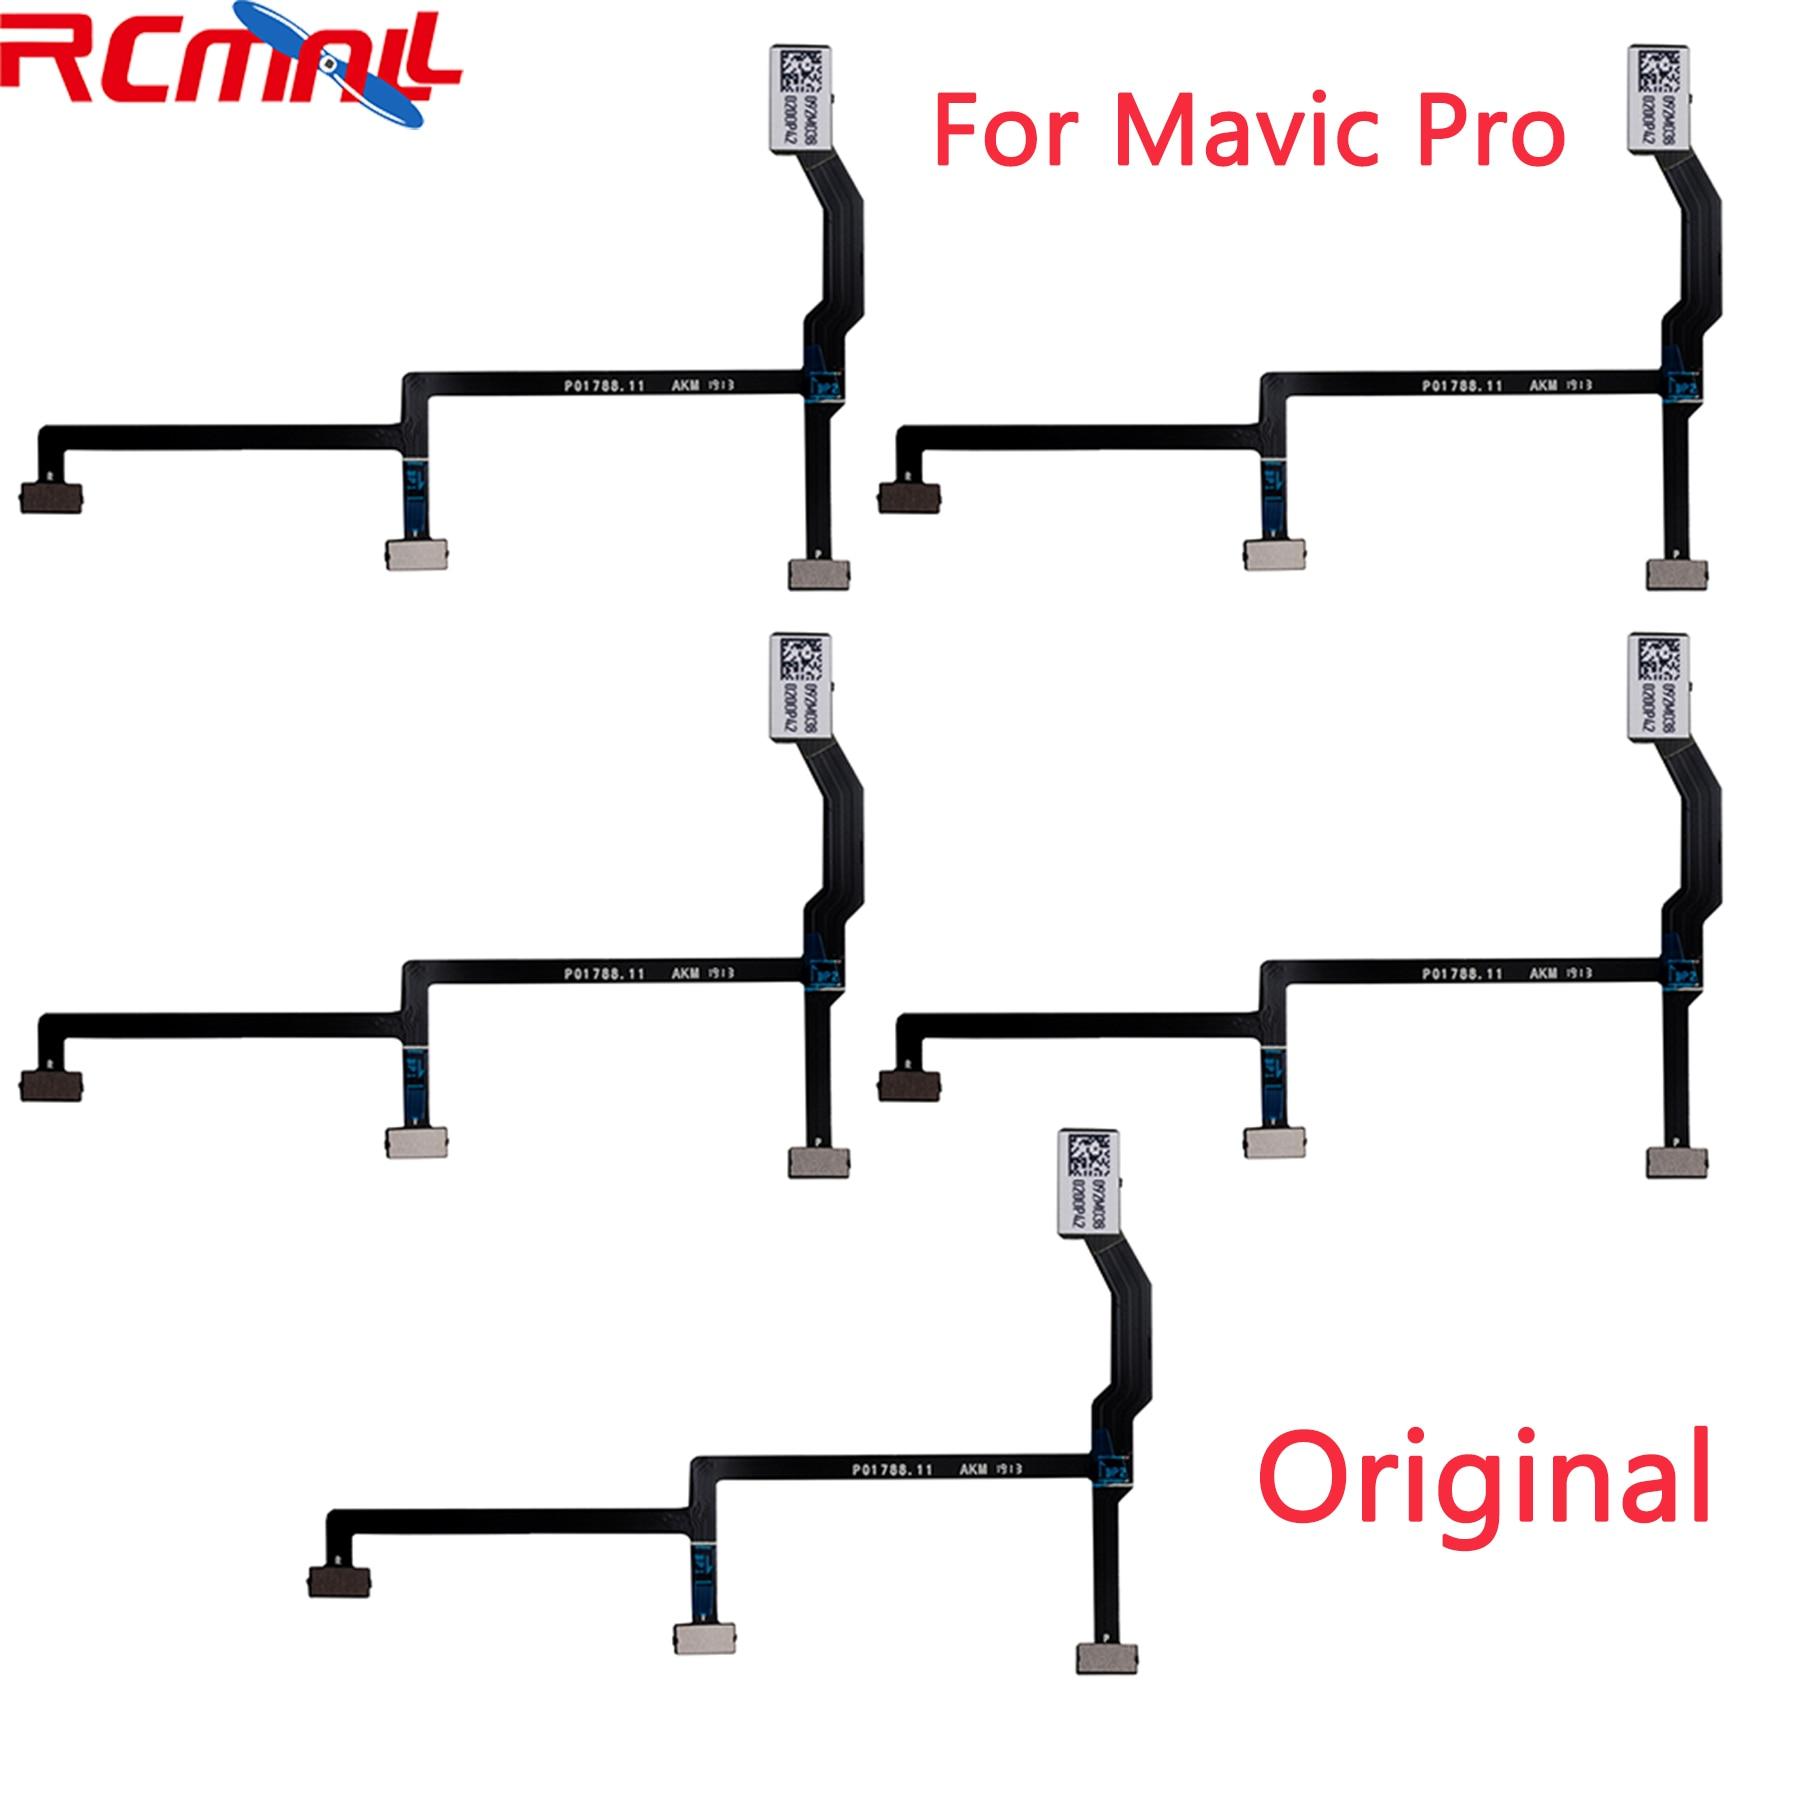 5 шт. оригинальный Гибкий плоский кабель для DJI Mavic Pro Gimbal гибкий запасные части для дрона RCmall DR2070A